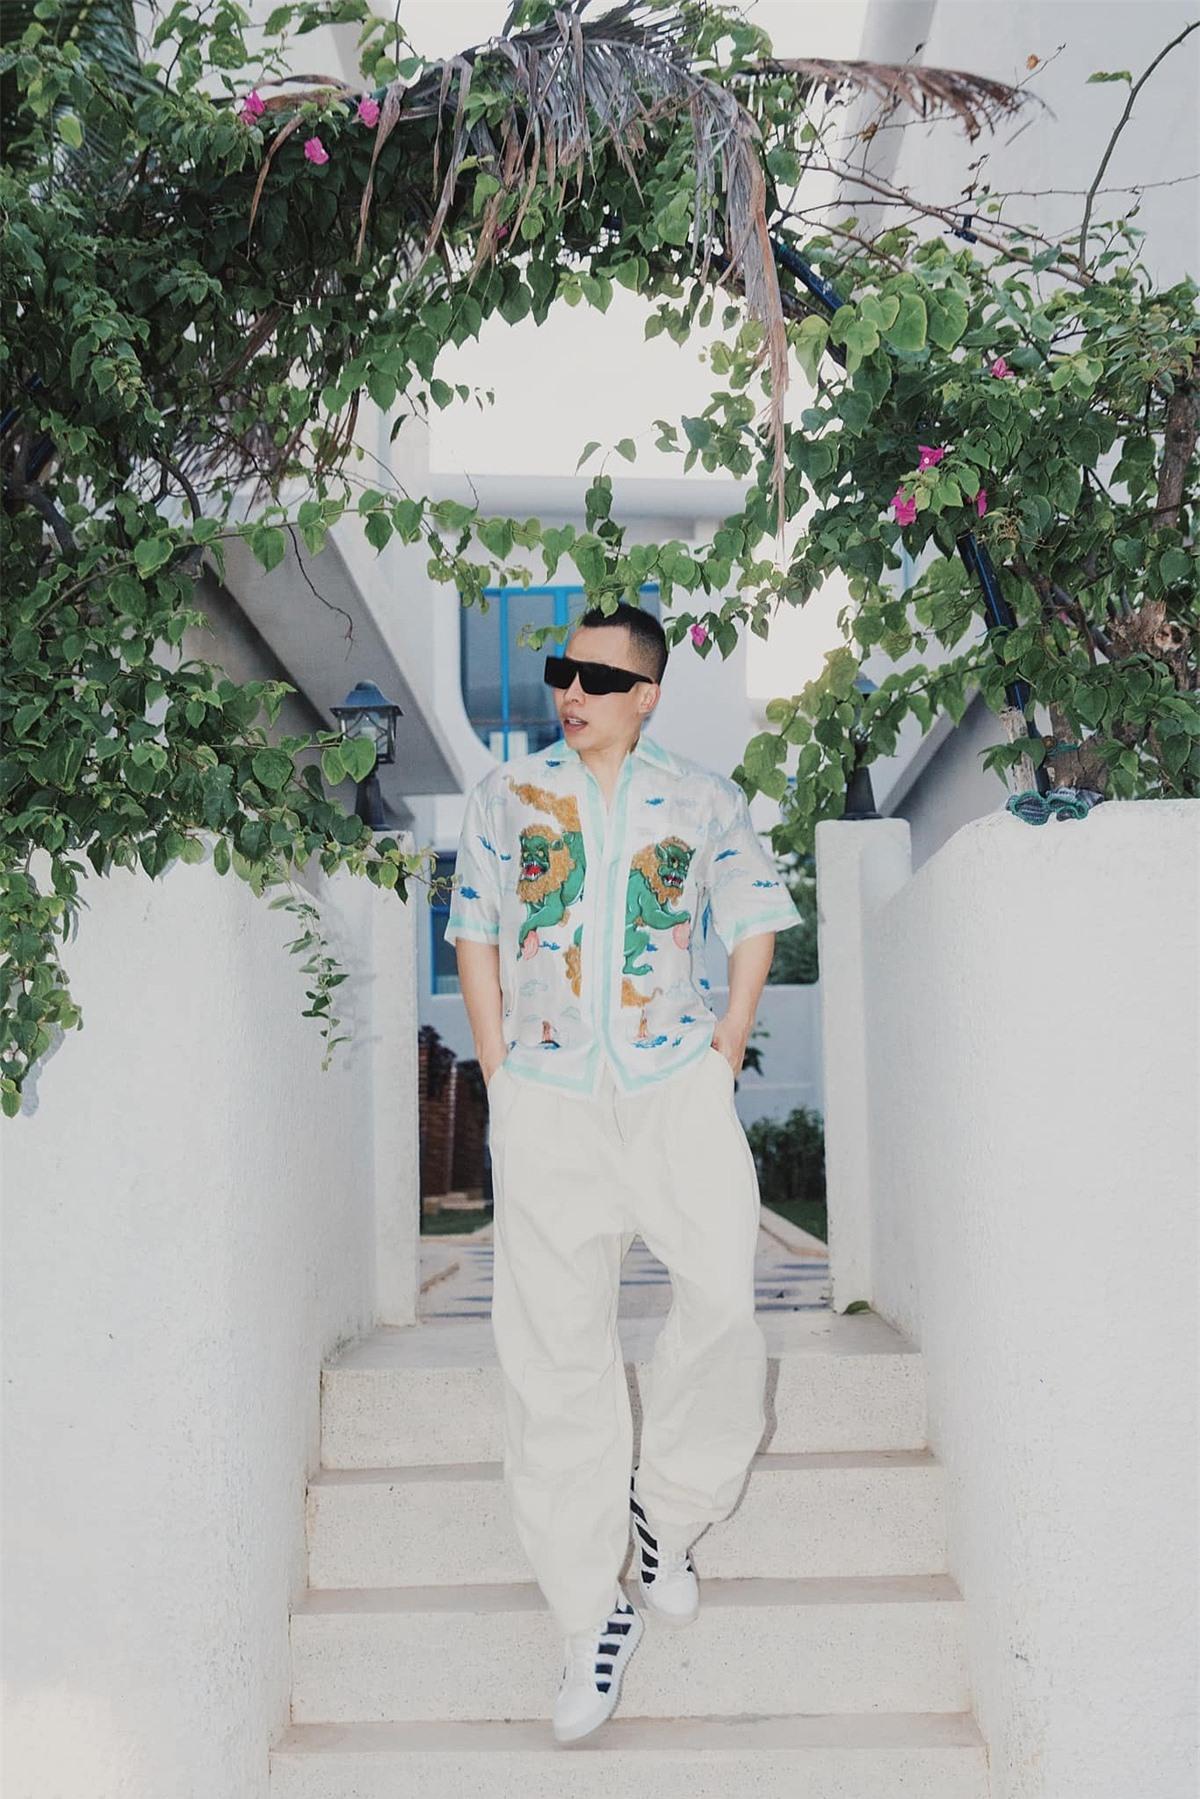 Vũ Khắc Tiệp trong chuyến nghỉ dưỡng ở Cam Ranh, Khánh Hòa hồi đầu tháng. Ảnh: Facebook Vũ Khắc Tiệp.